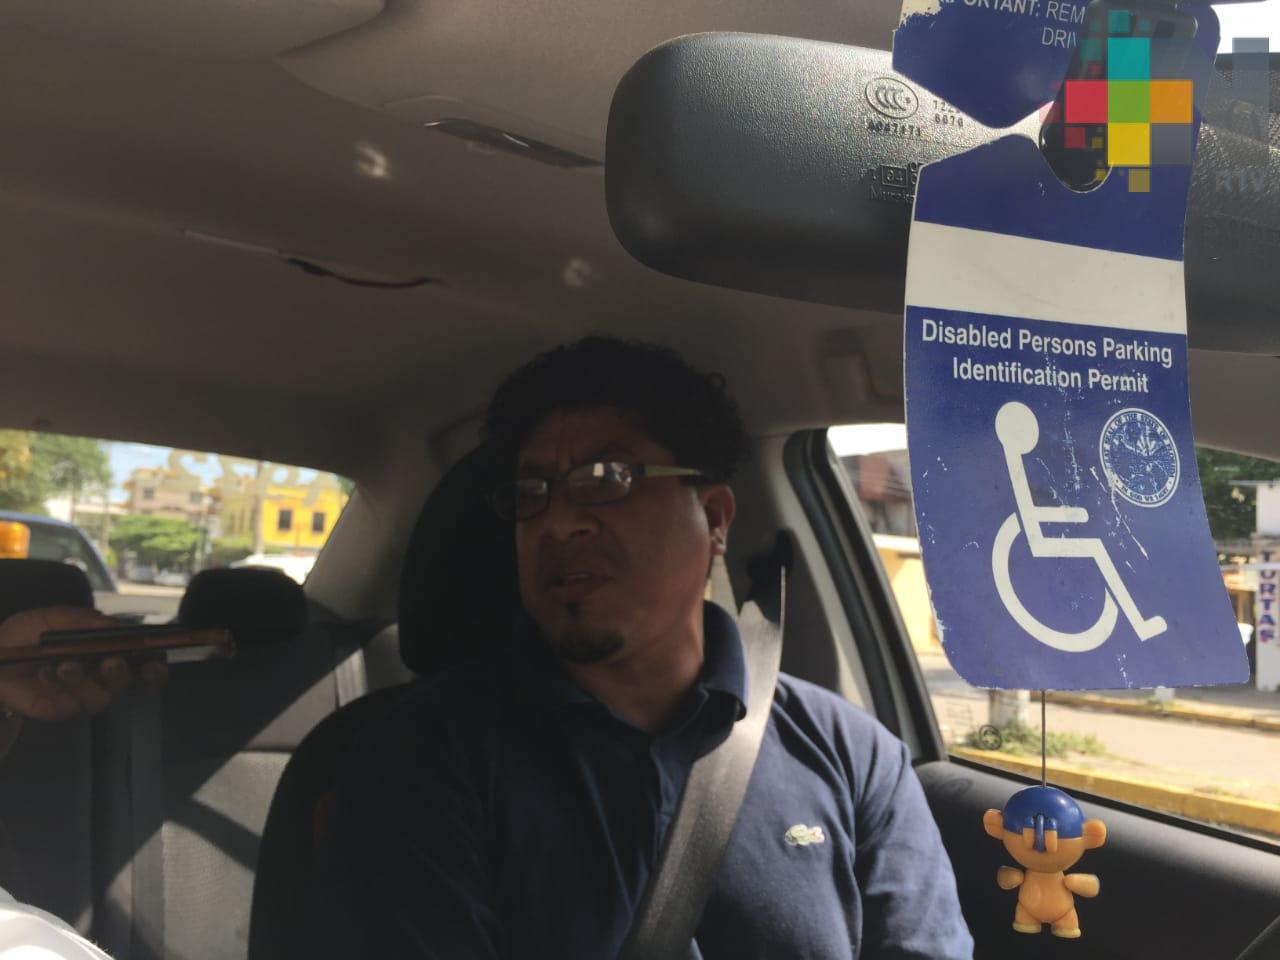 Taxista sin movilidad en piernas crea dispositivo para manejar su unidad